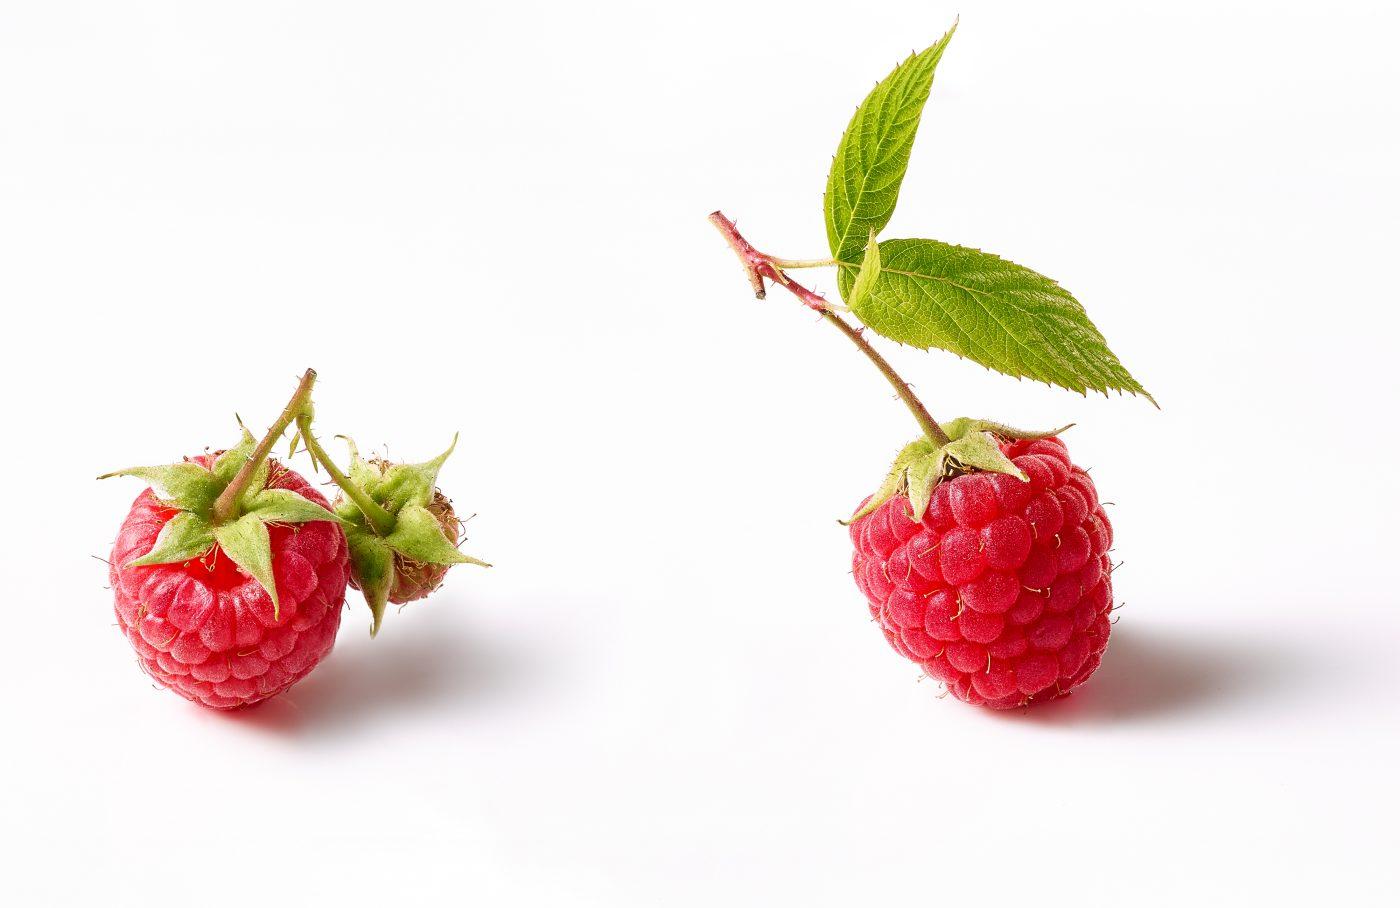 pack shots raspberry for fruit buttermilk müller